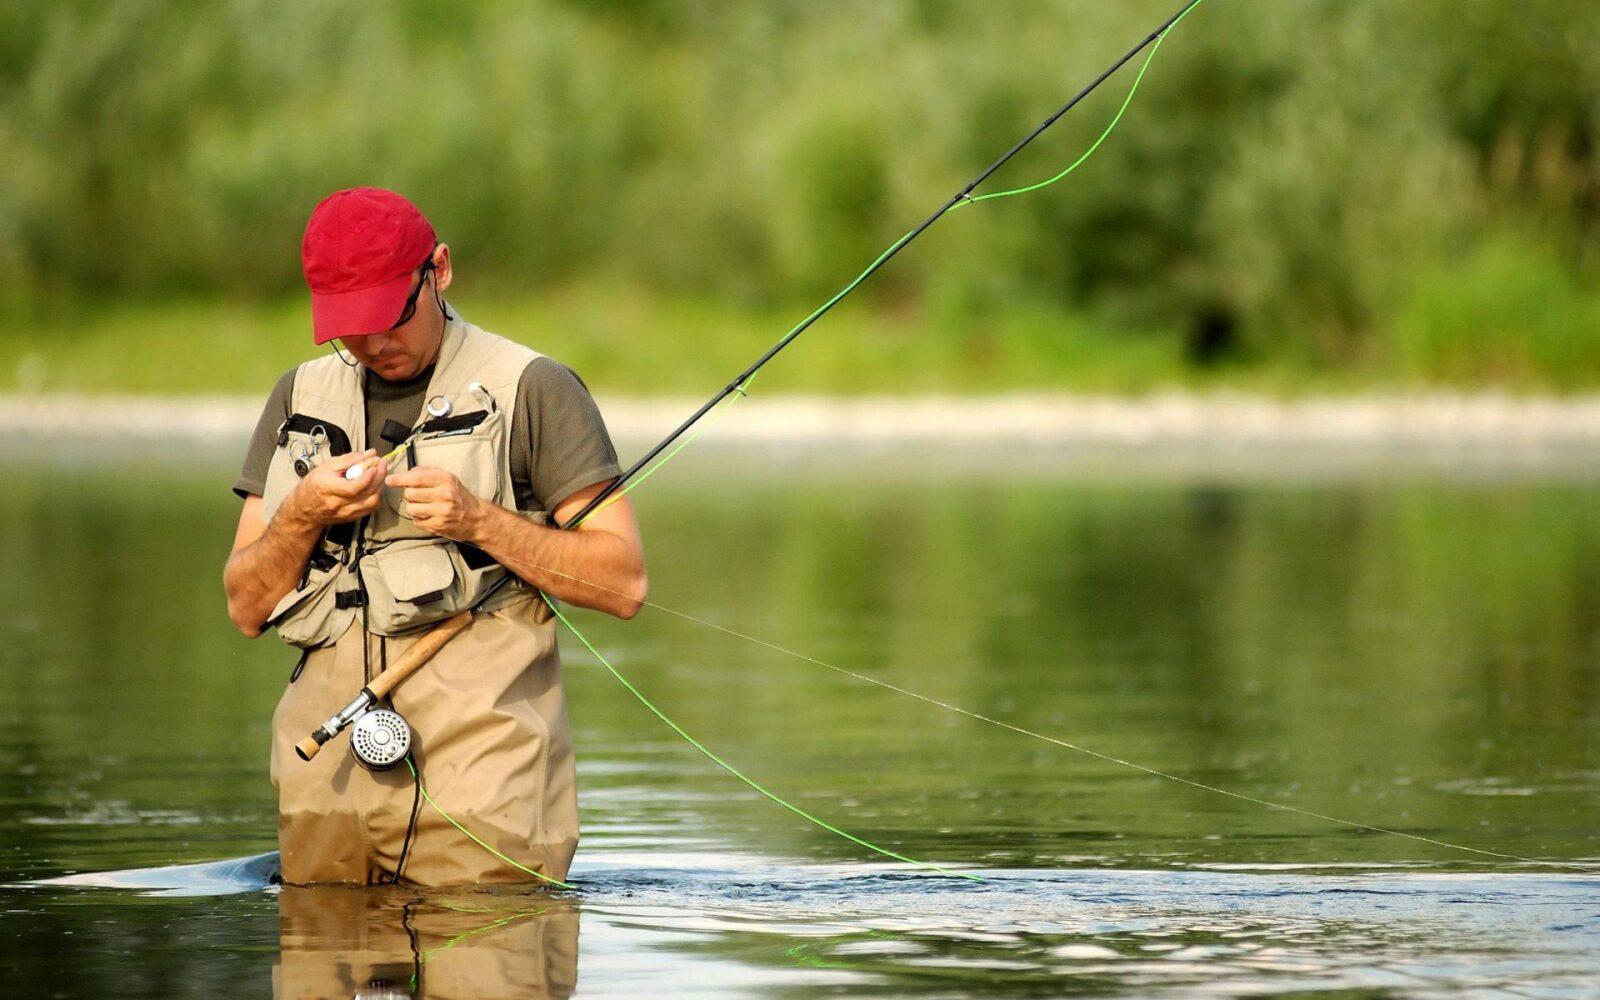 Я так бы и не узнала, что муж делает на рыбалке, если б не зловредная соседка